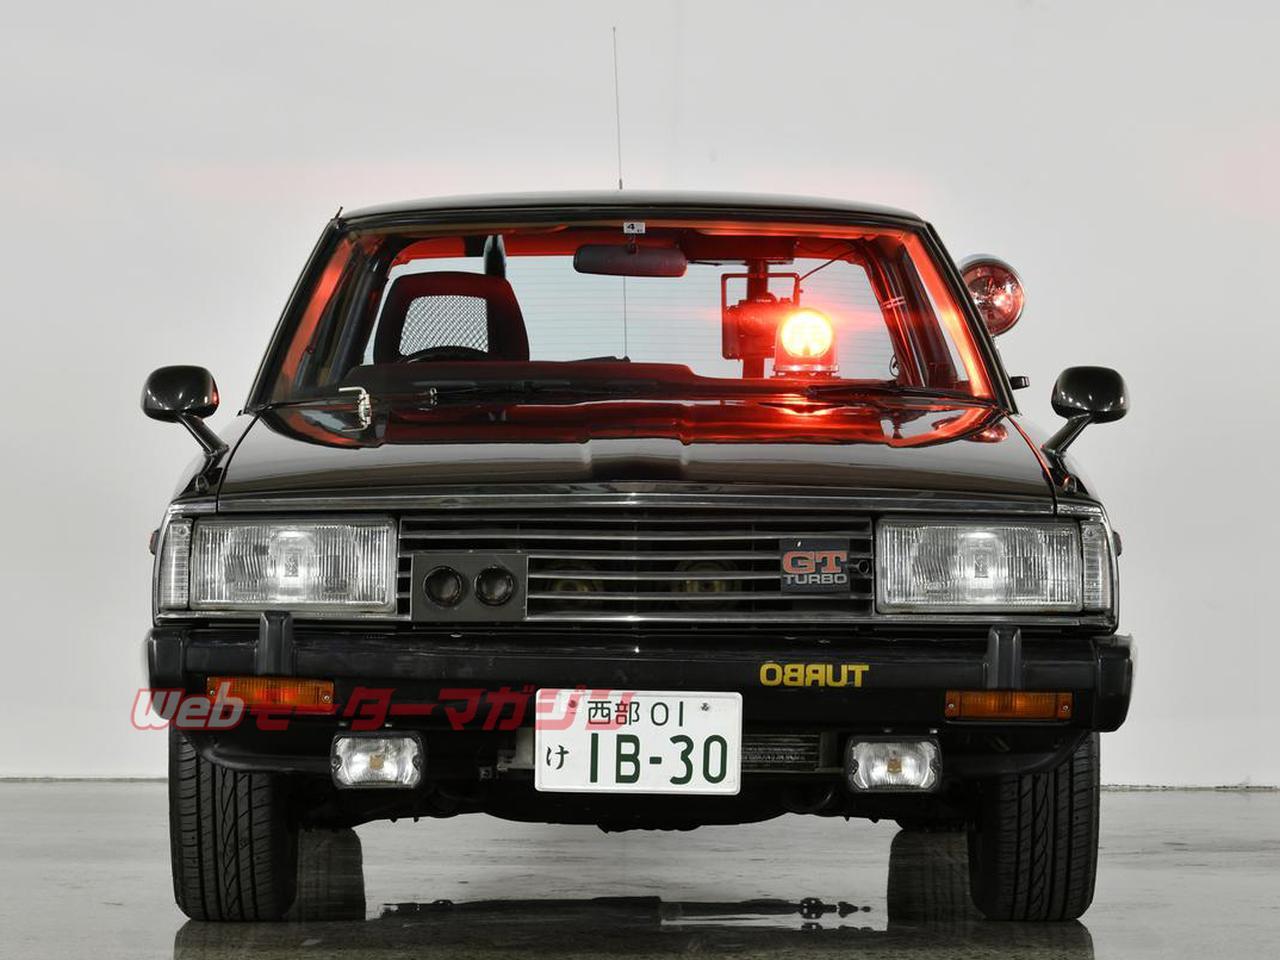 「西部警察」生誕40周年記念! キミはあのマシン、「マシンX」を覚えているか? 【File.2】